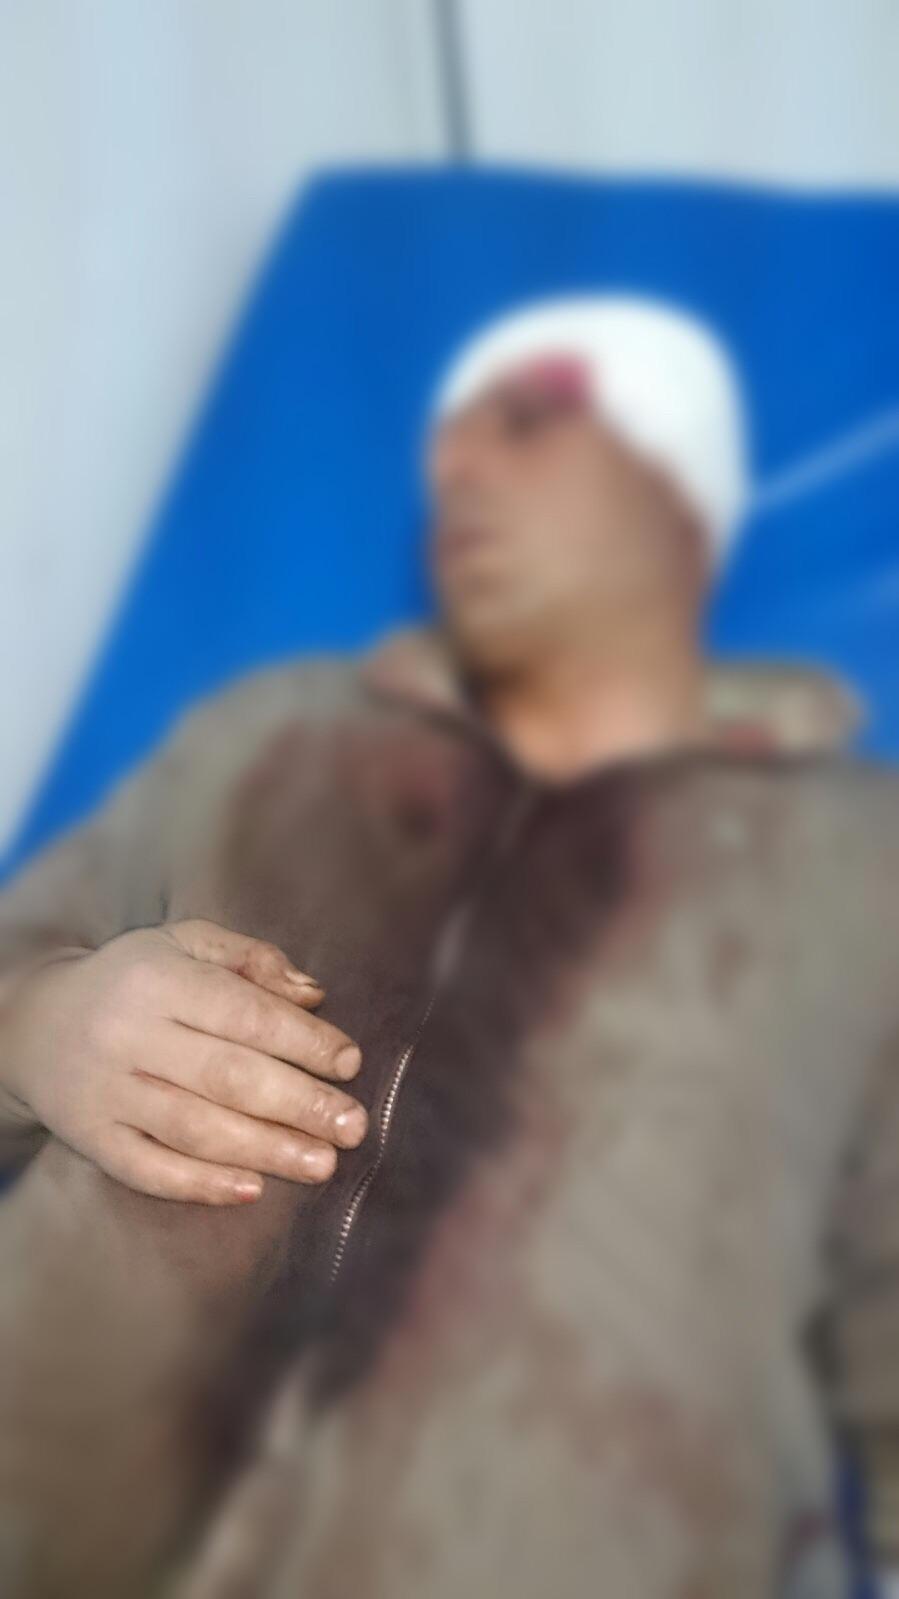 صورة لضحية جناية اعتراض السبيل وقد تم وضع الضباب على وجهه